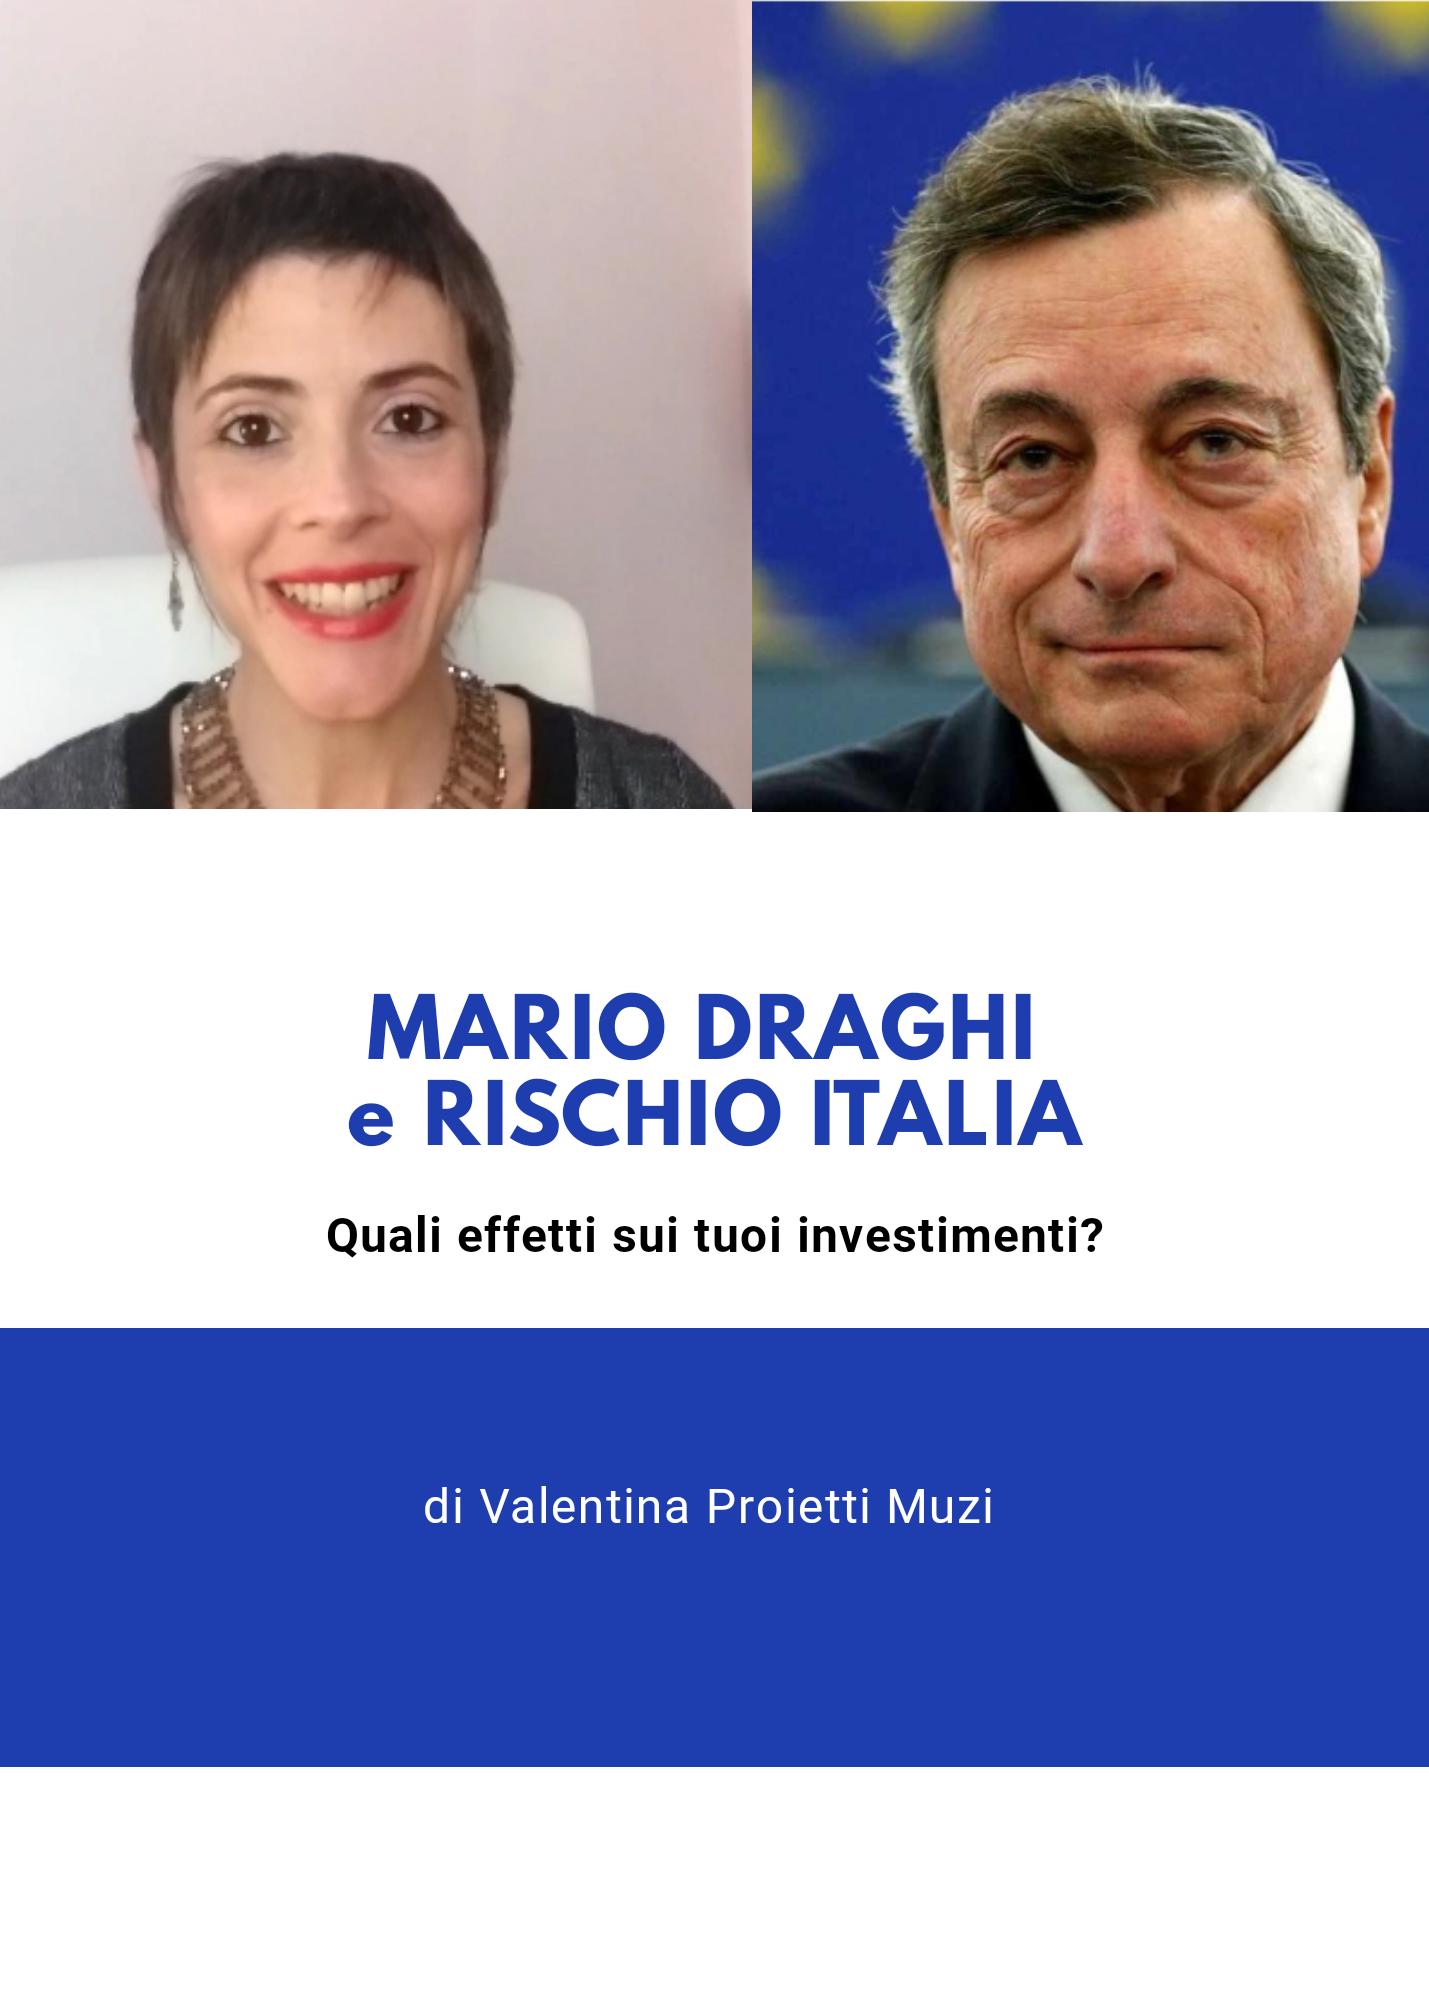 Mario Draghi e rischio Italia. Quali effetti sui tuoi investimenti?